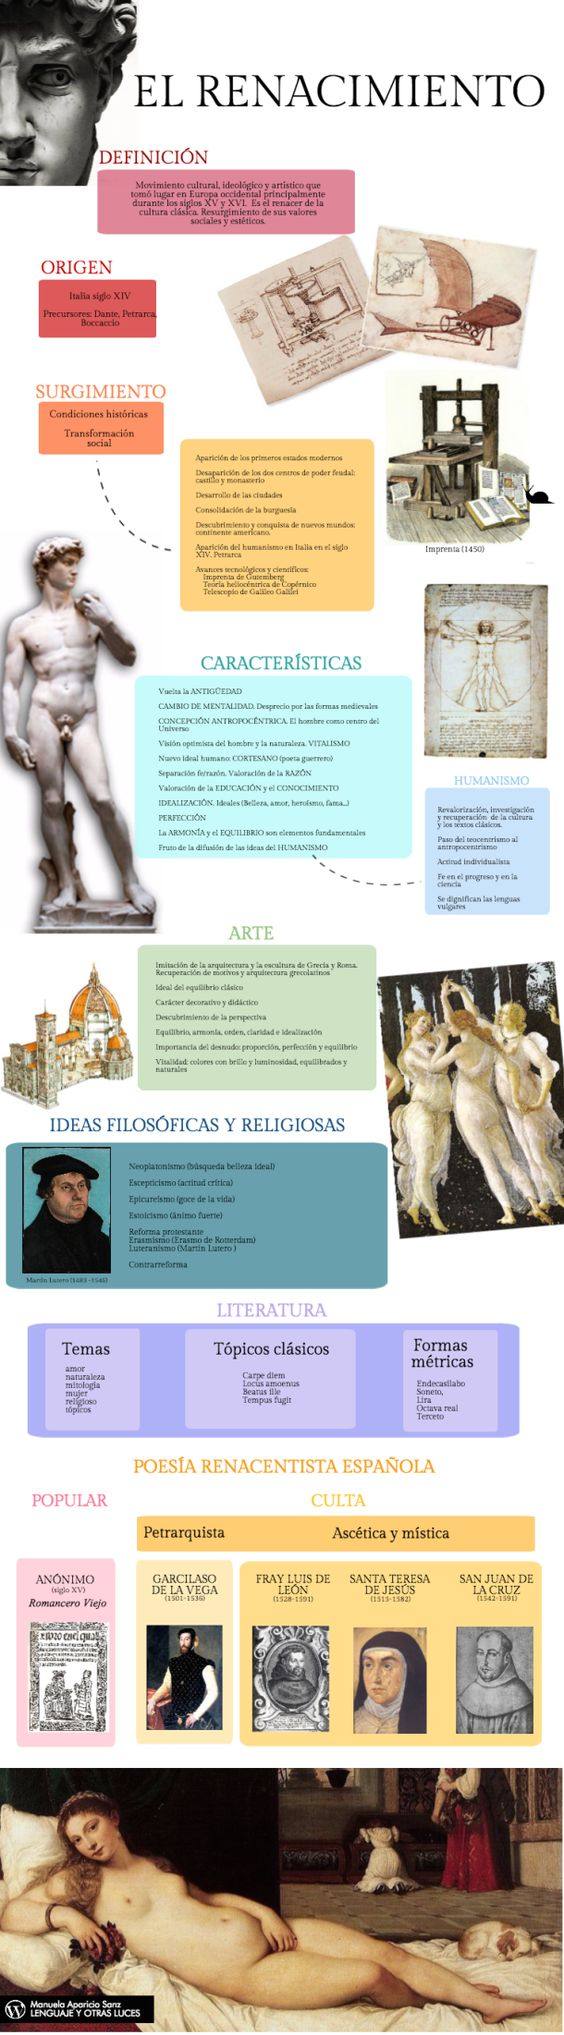 Infografía sobre el Renacimiento.